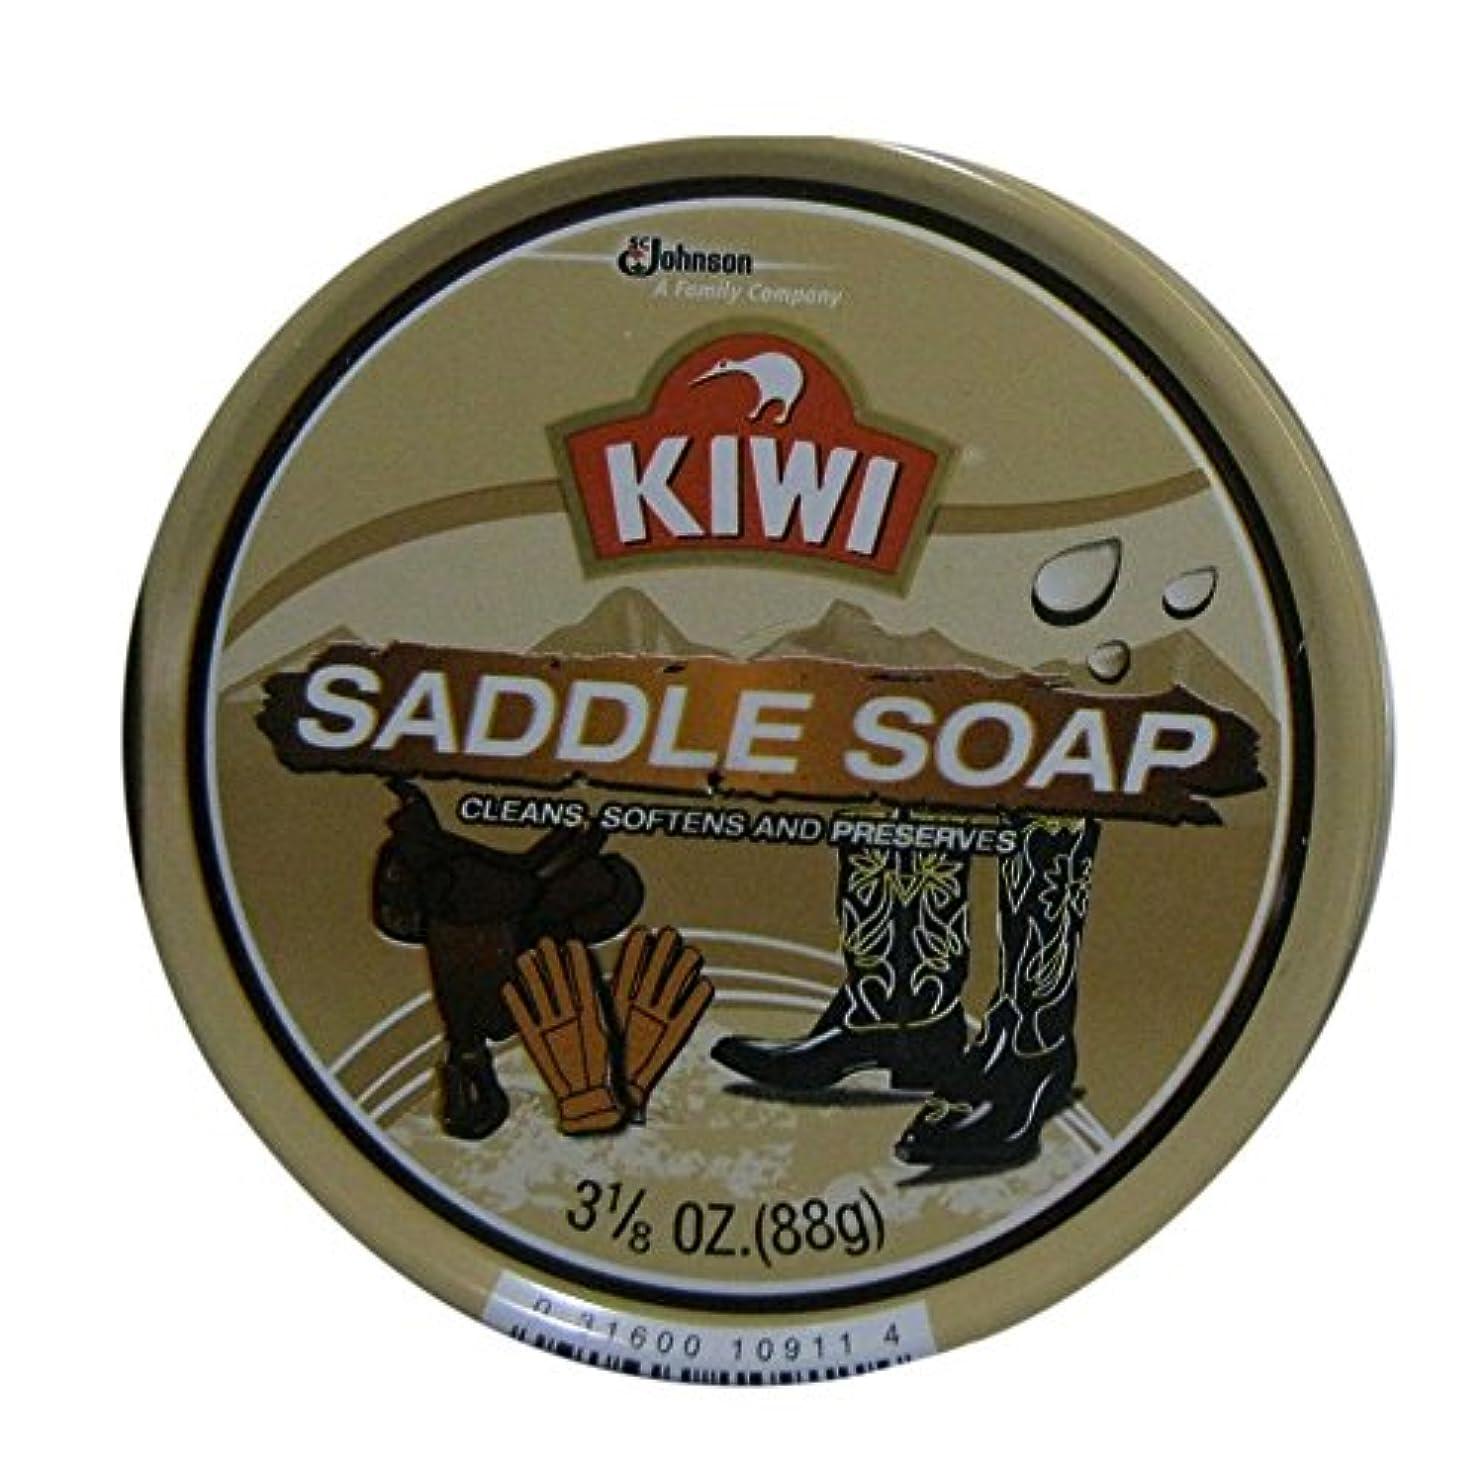 話医薬品温度Kiwi KIWIハメソープ3.125オンス(5パック) 5パック